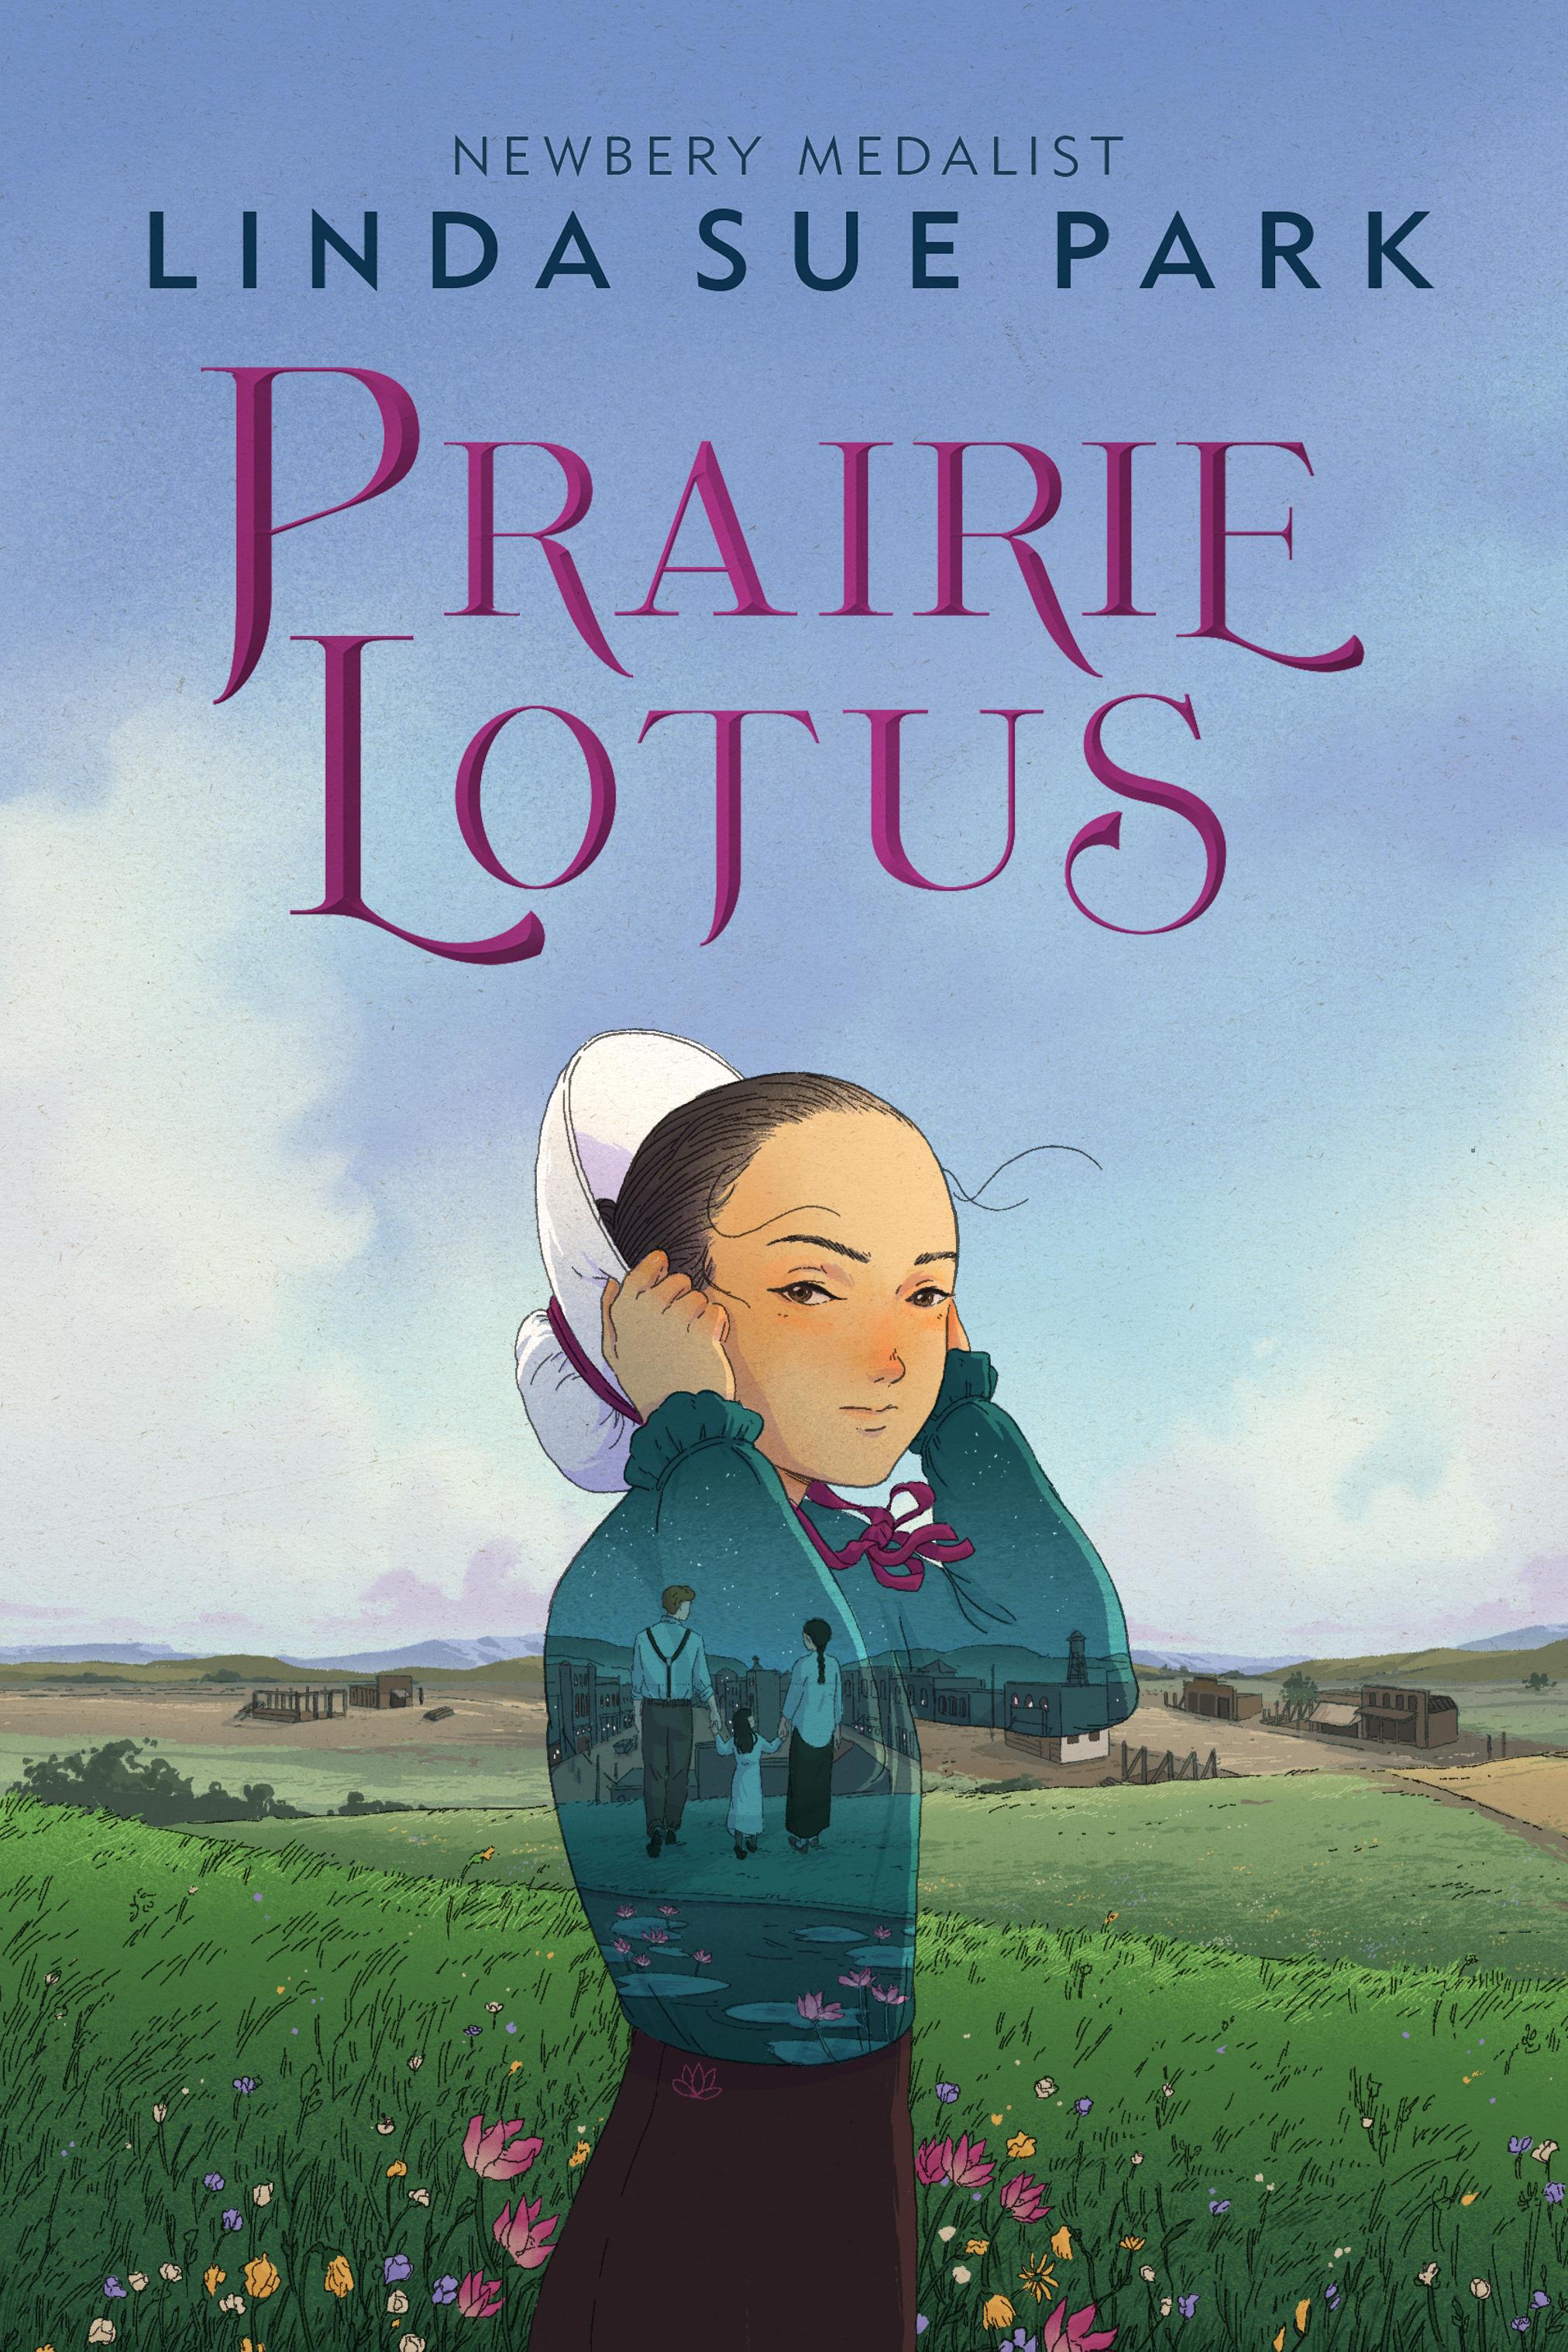 Prairie Lotus Final with type.jpg